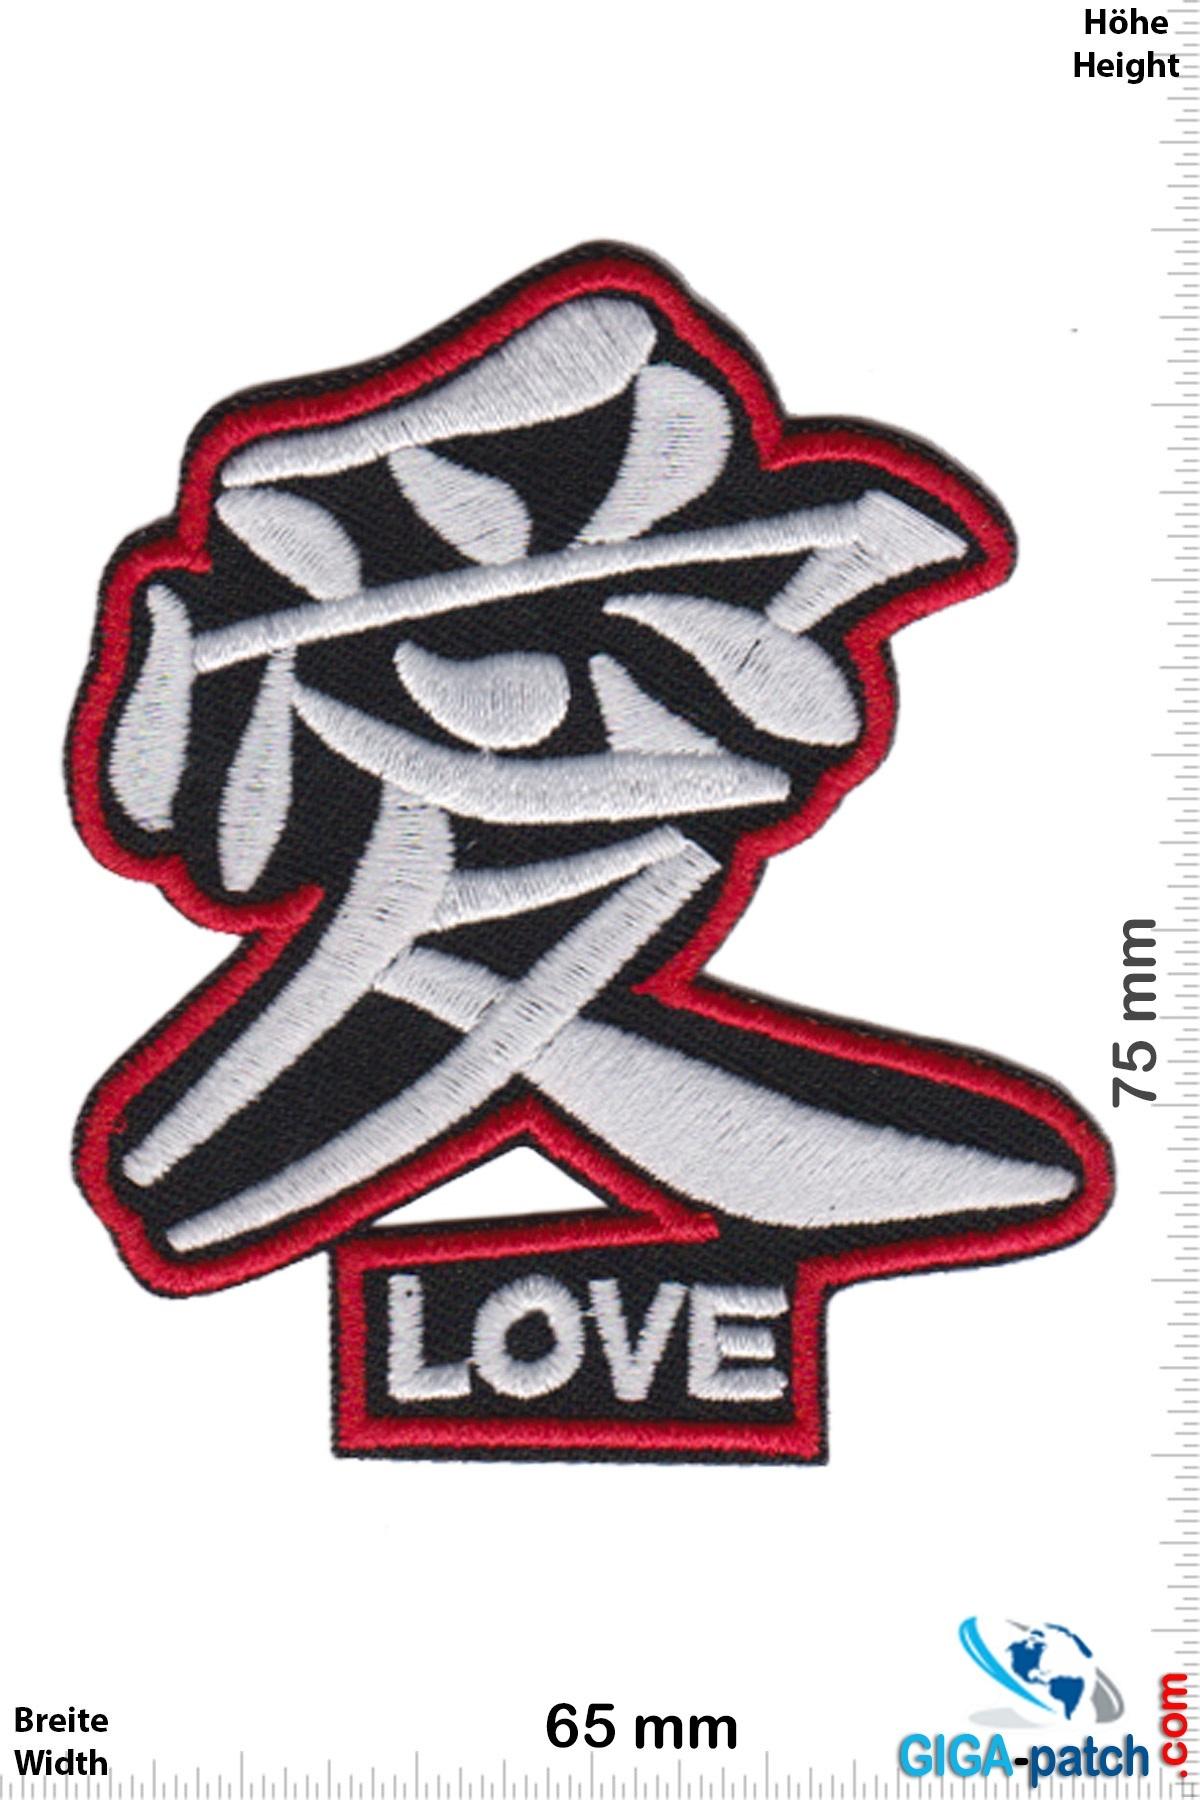 Love Love - Chinesisch - black silver